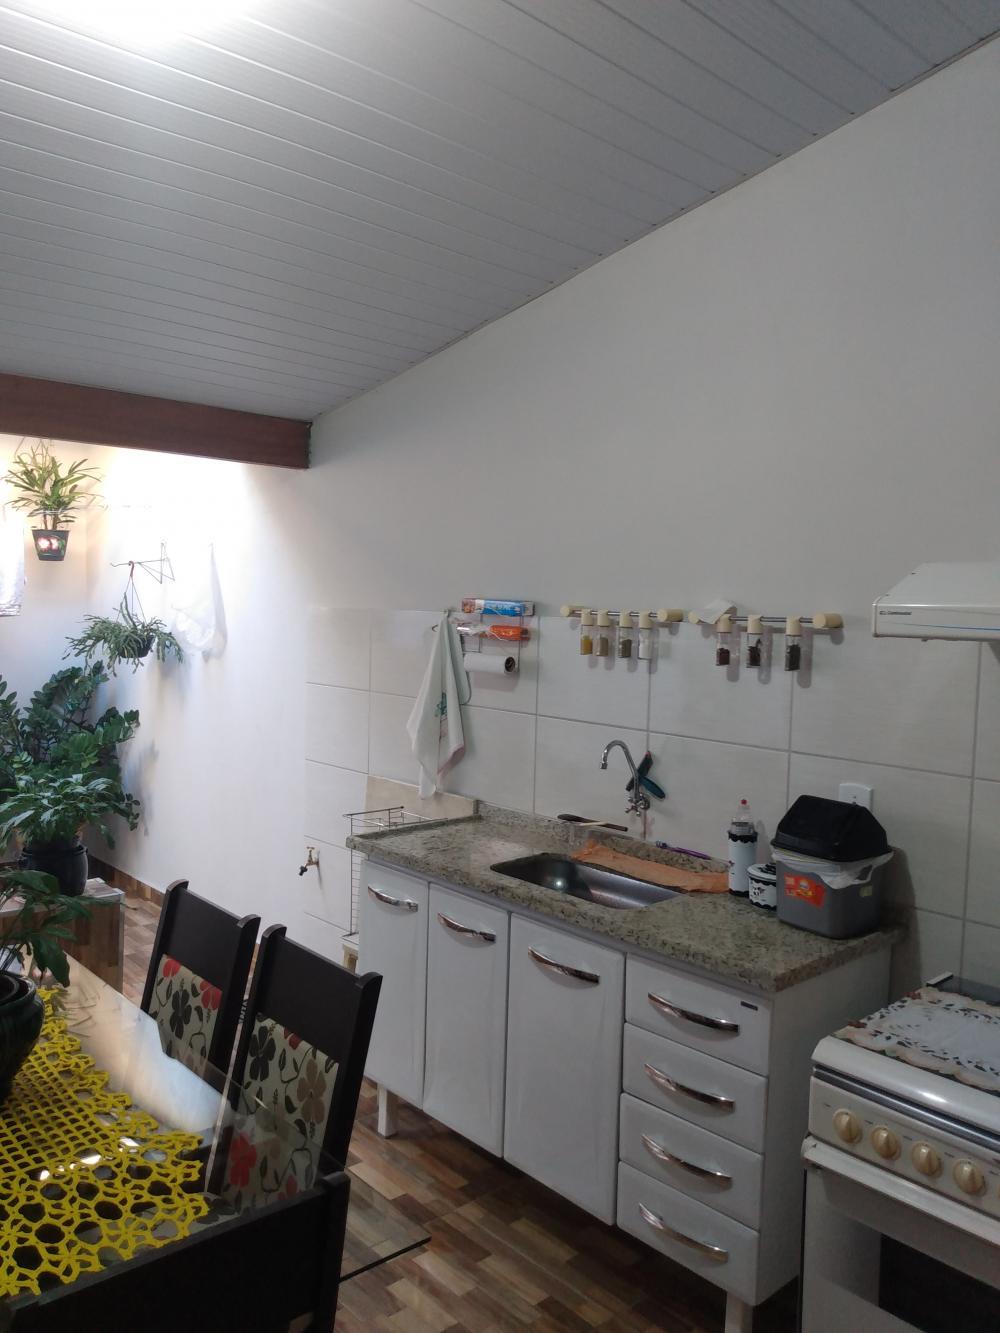 Comprar Casa / Condomínio em SAO JOSE DO RIO PRETO apenas R$ 220.000,00 - Foto 11